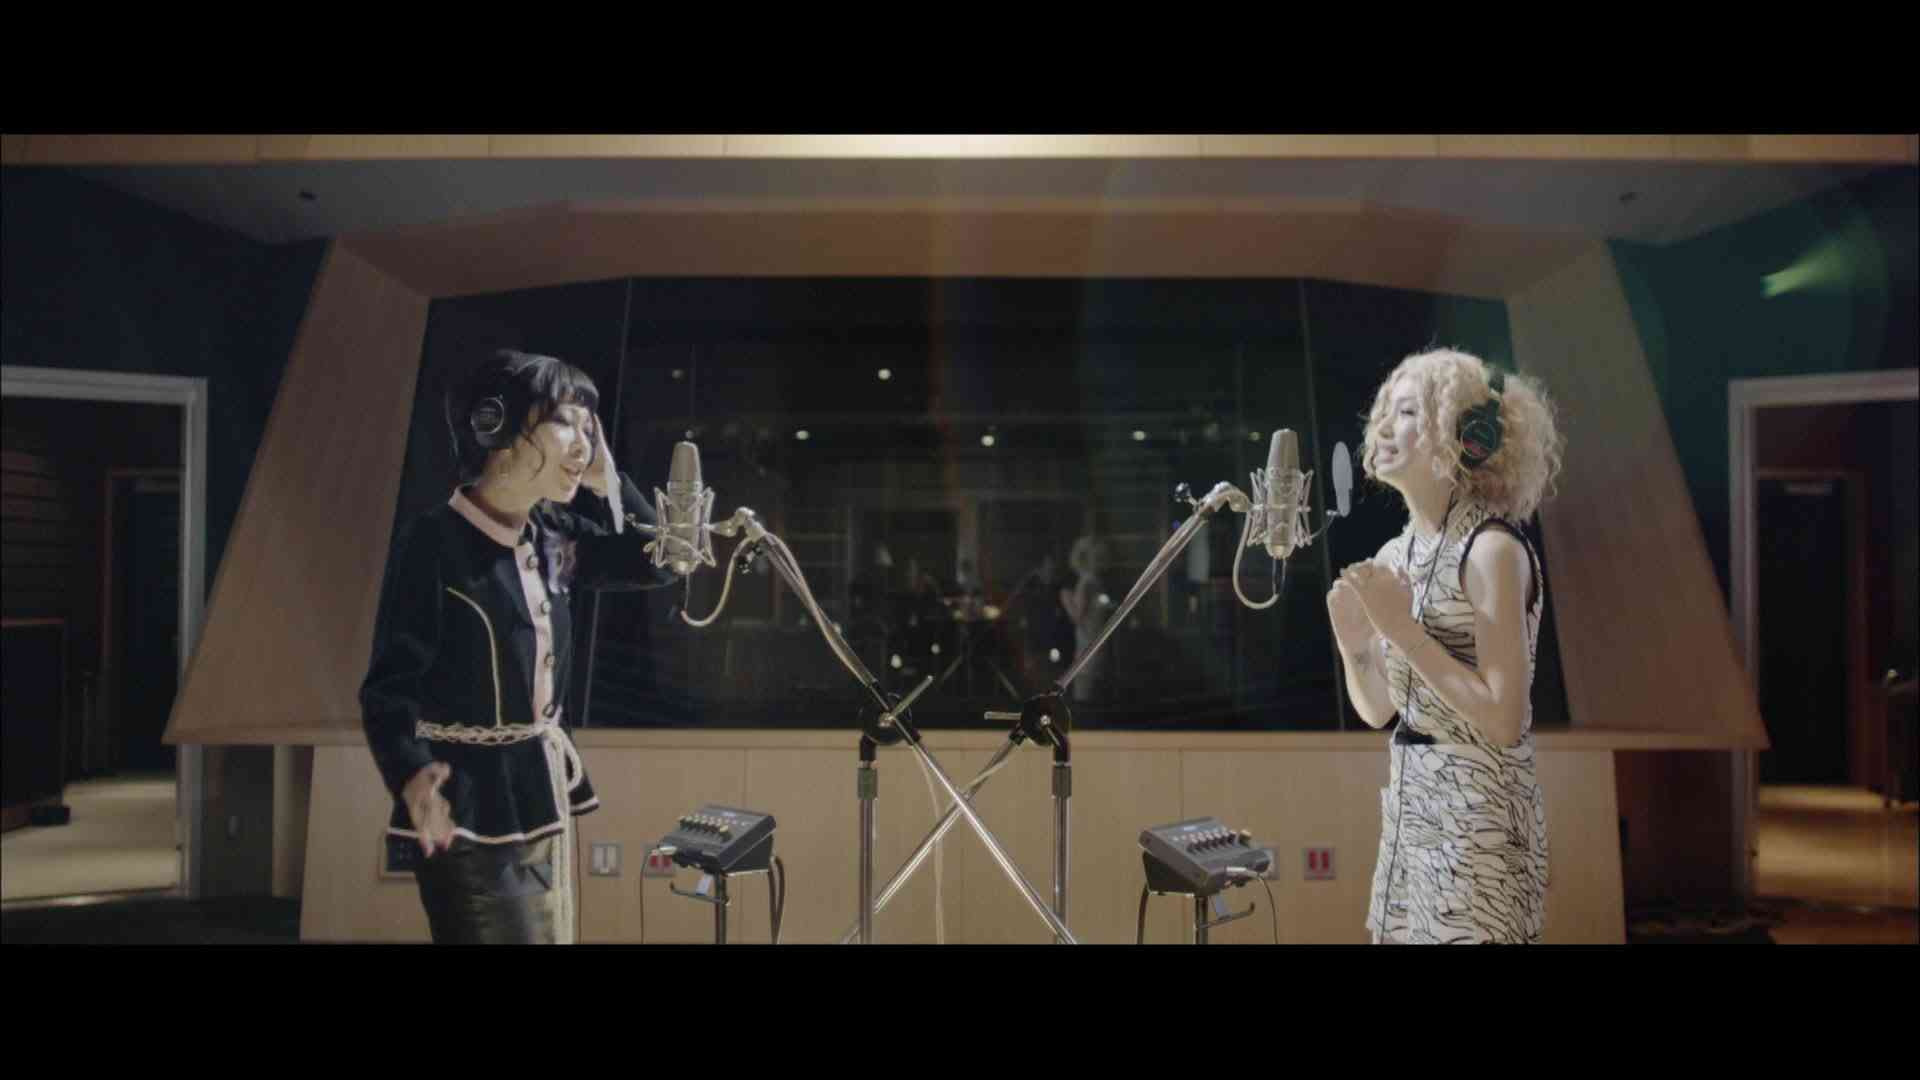 中島美嘉×加藤ミリヤ 『Gift ミュージックビデオショートバージョン』 - YouTube